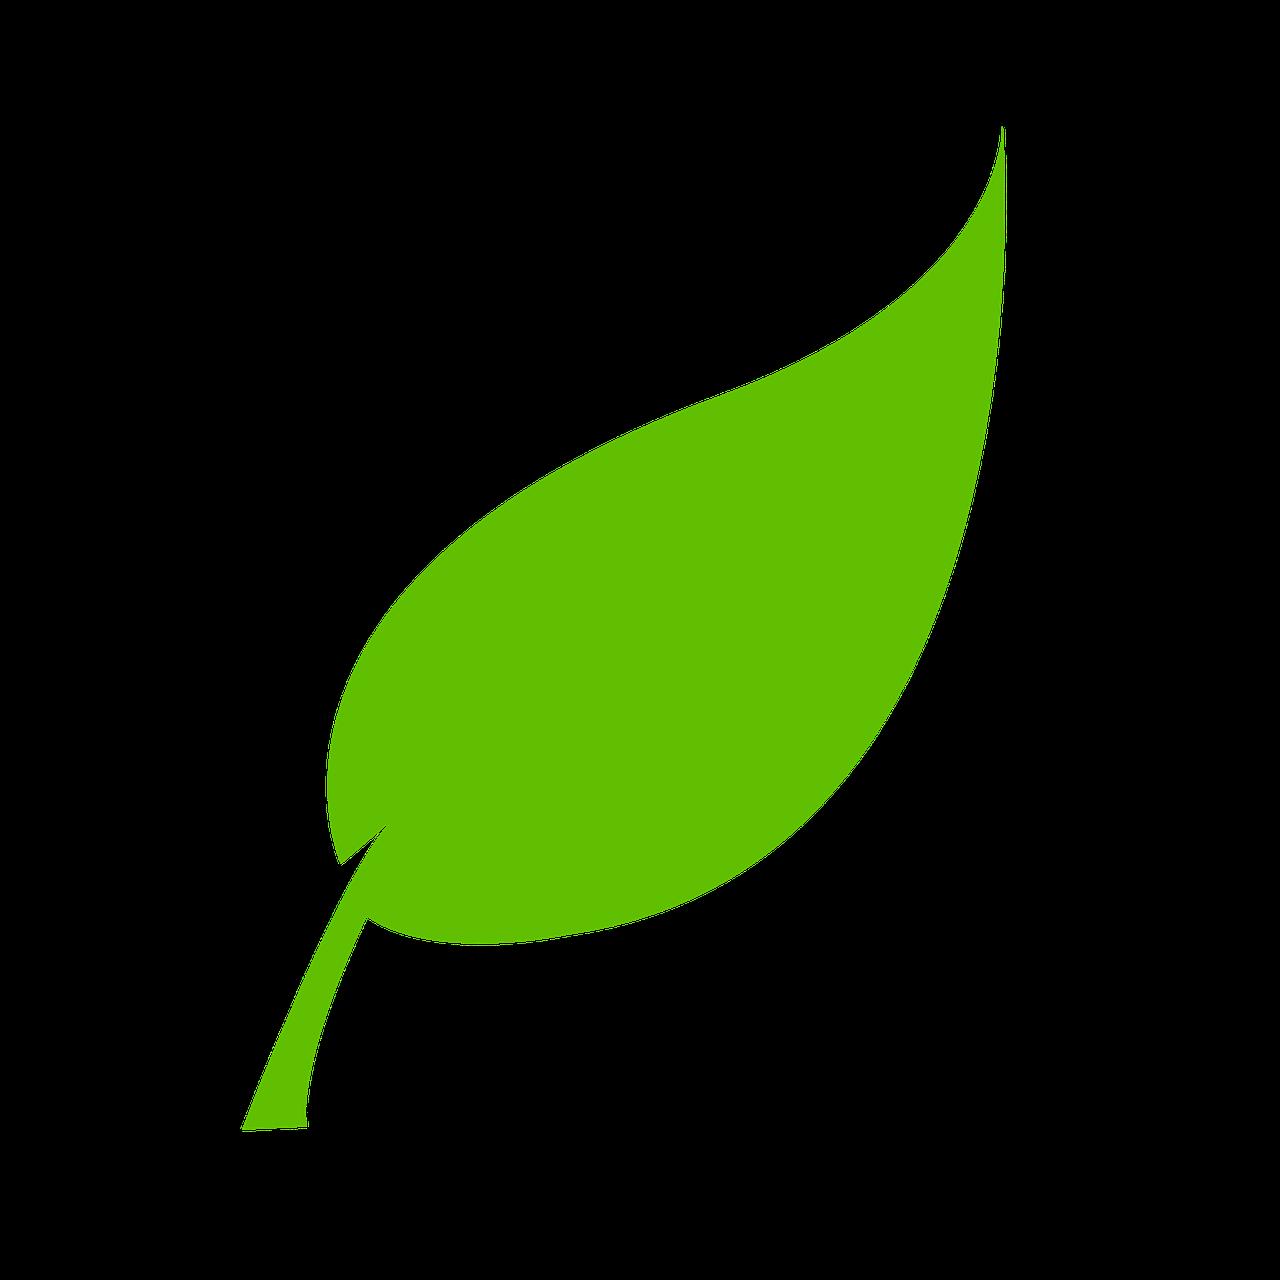 leaf-310555_1280